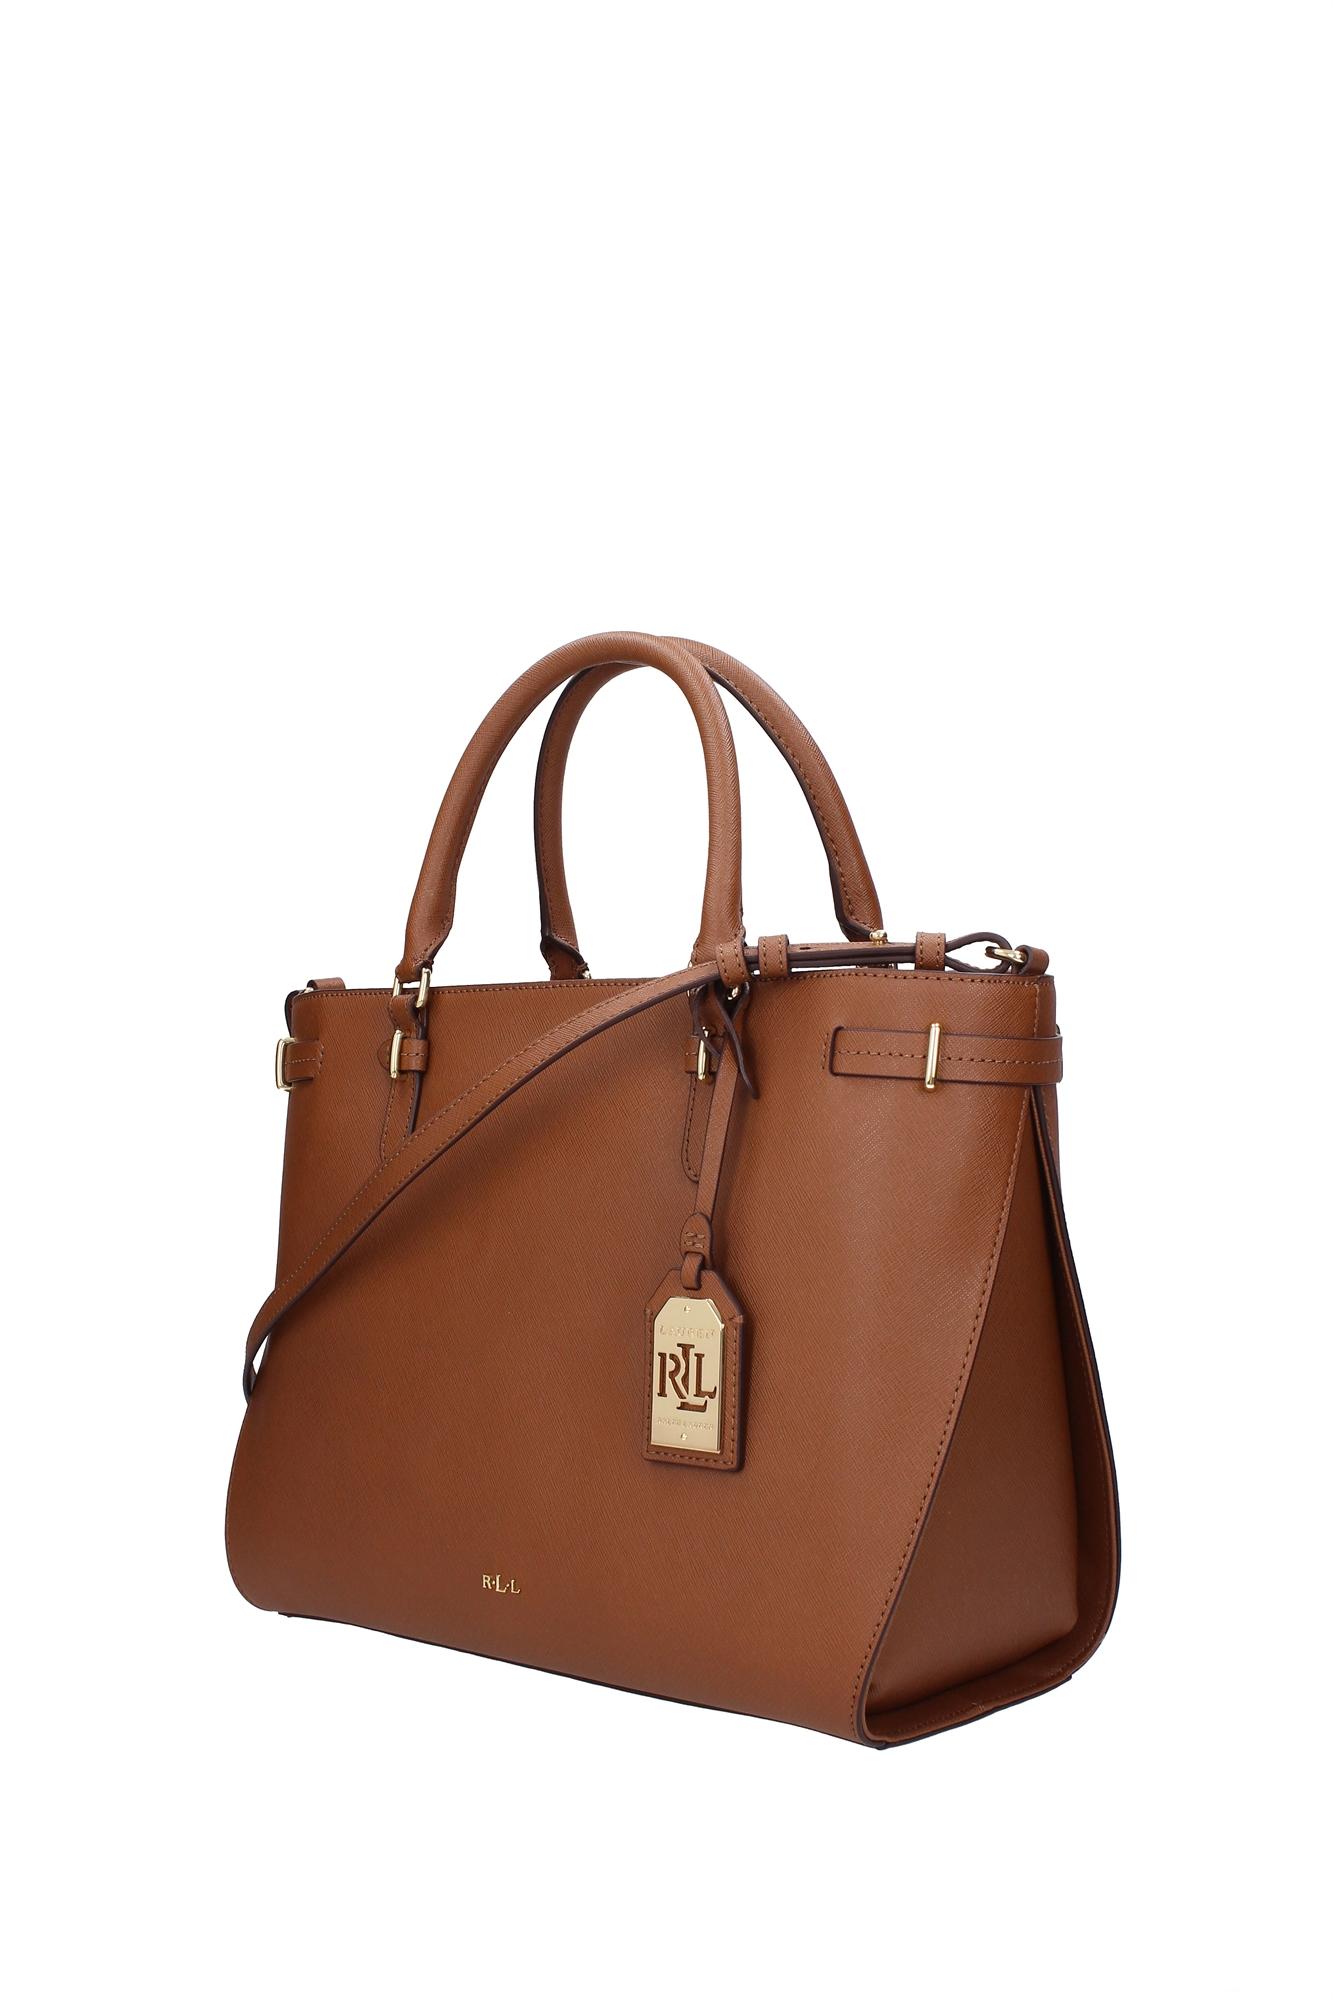 Brilliant Lauren Ralph Lauren Women39s Newbury Double Zipper Shopper Bag  Navy